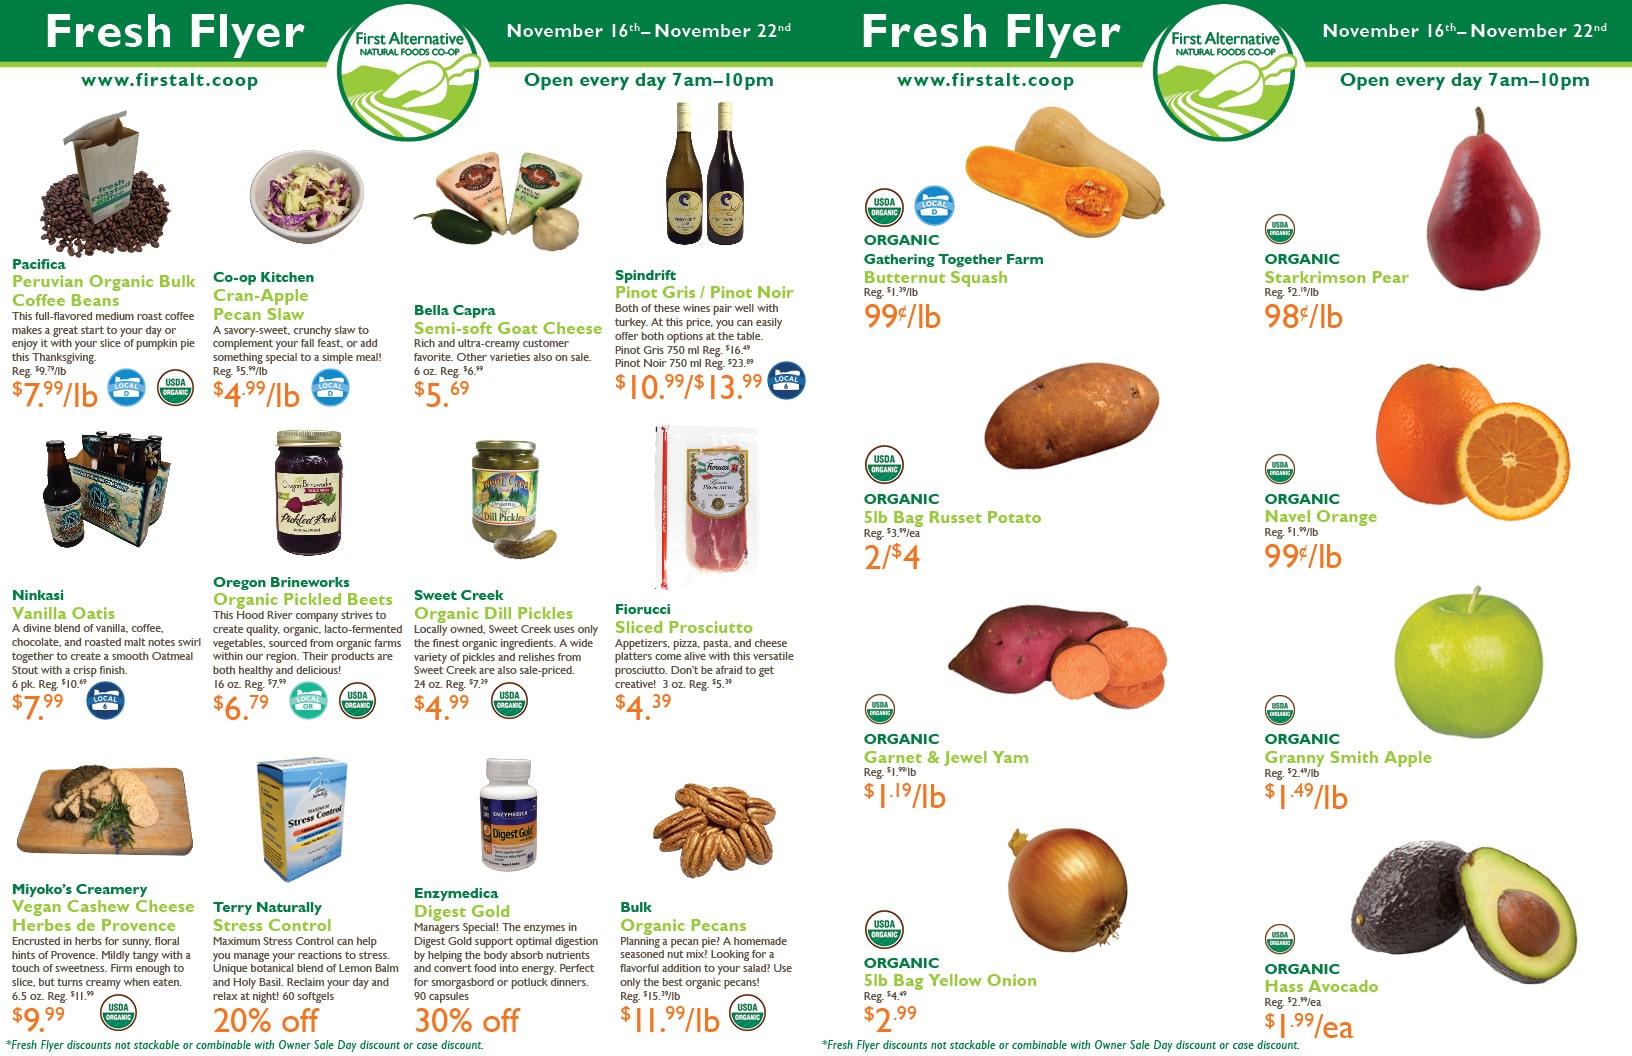 First Alternative Co-op Fresh Flyer November 16-22